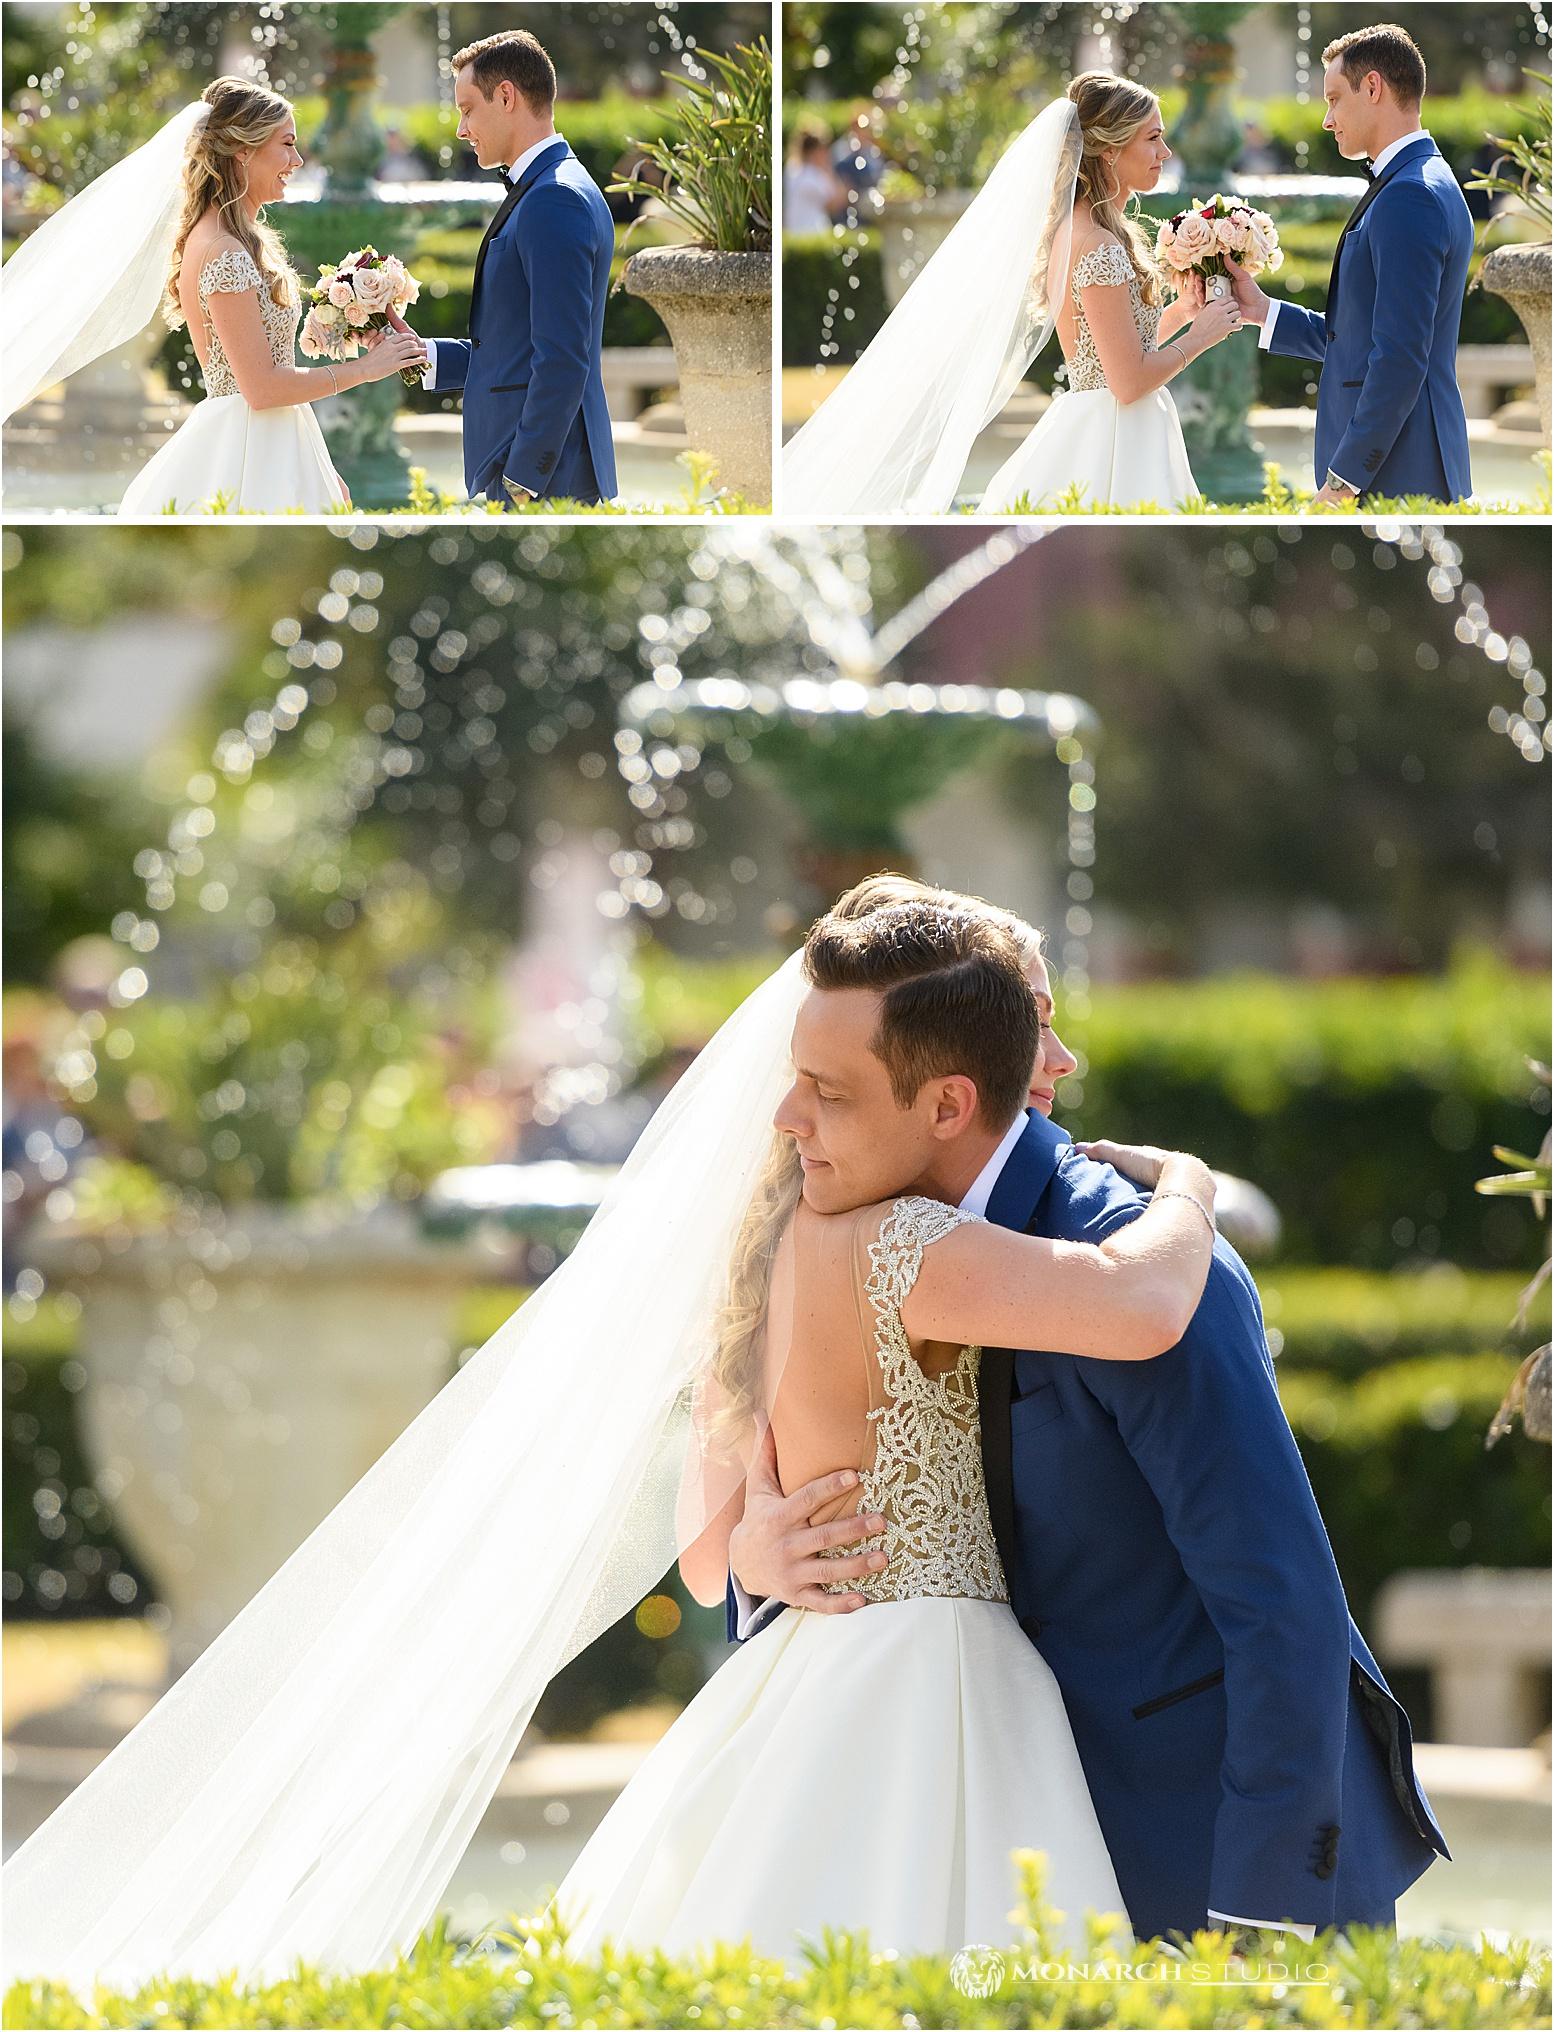 best-saint-augustine-wedding-photographer-2019-022.jpg